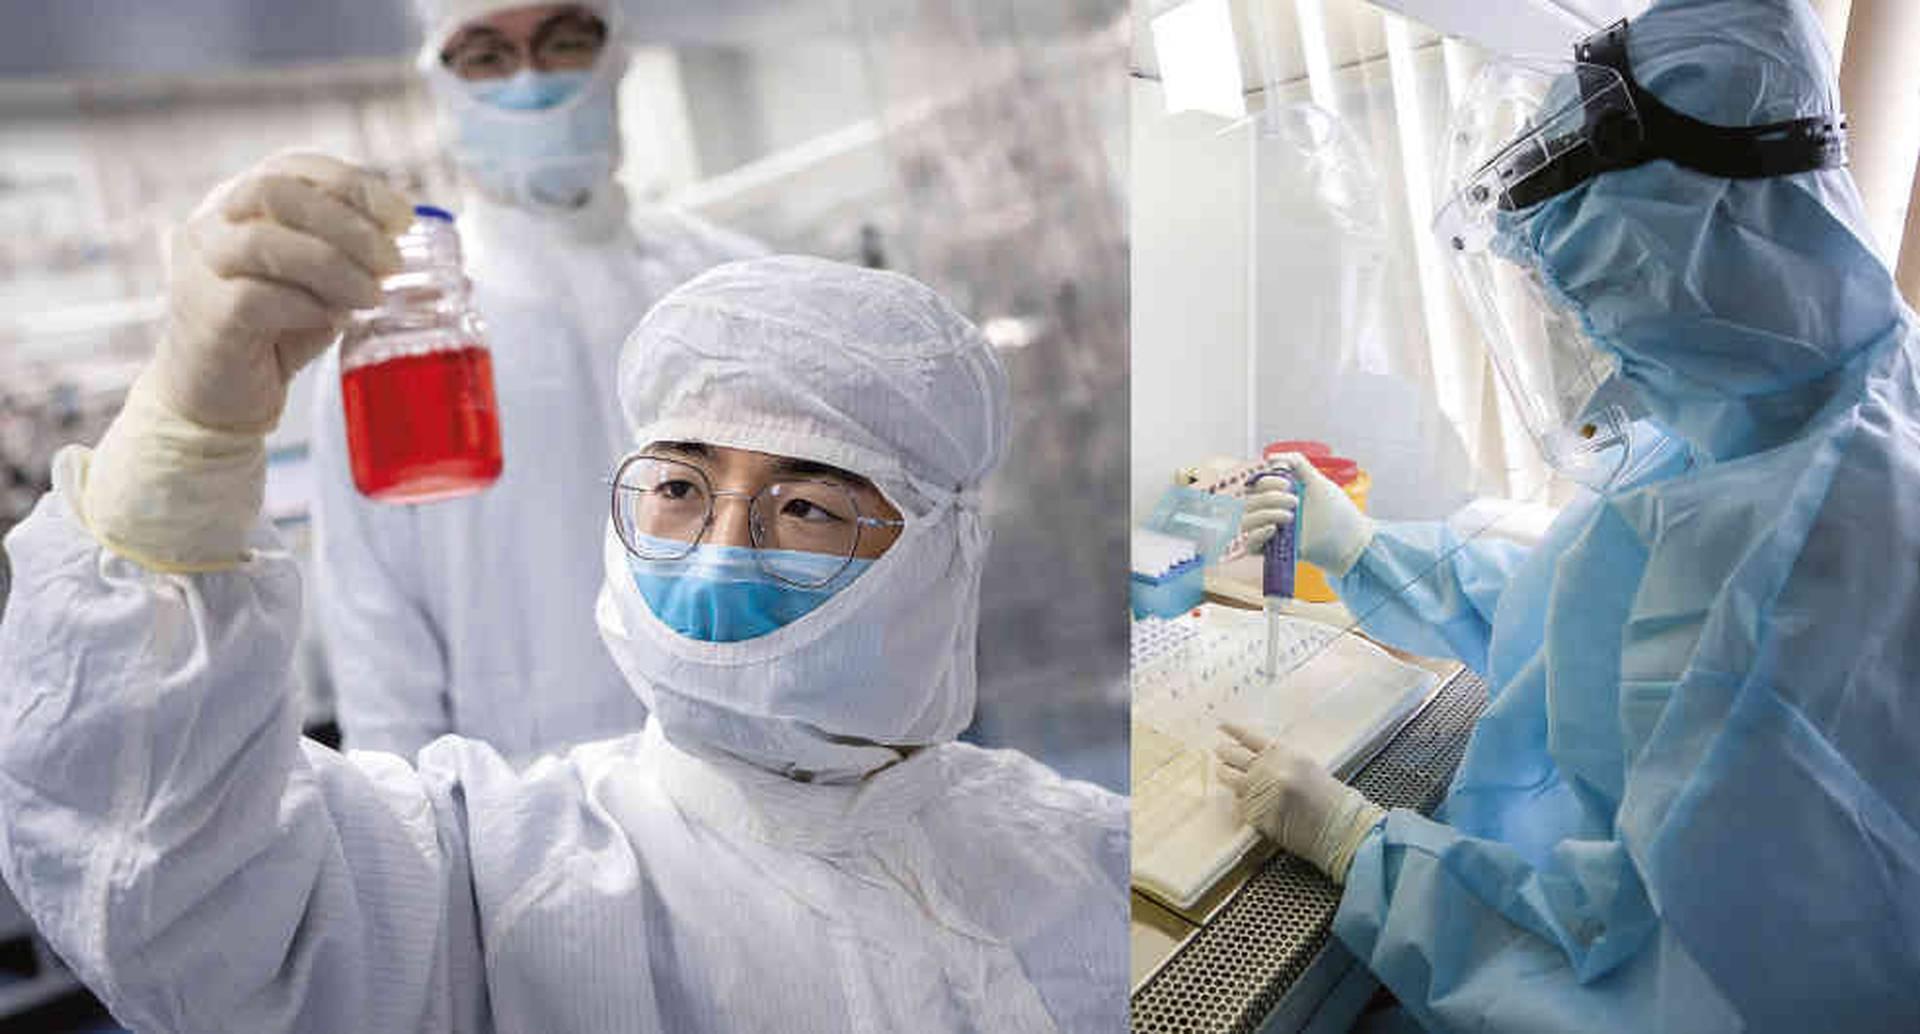 Cuatro vacunas están en la fase 3 de los ensayos clínicos, la última etapa antes de que las apruebe la FDA. Una producida por la estadounidense Moderna; otra por la Universidad de Oxford y AstraZeneca, en Reino Unido; una más por la alemana CureVac y la de Sinovac Biotech, fabricada en China.